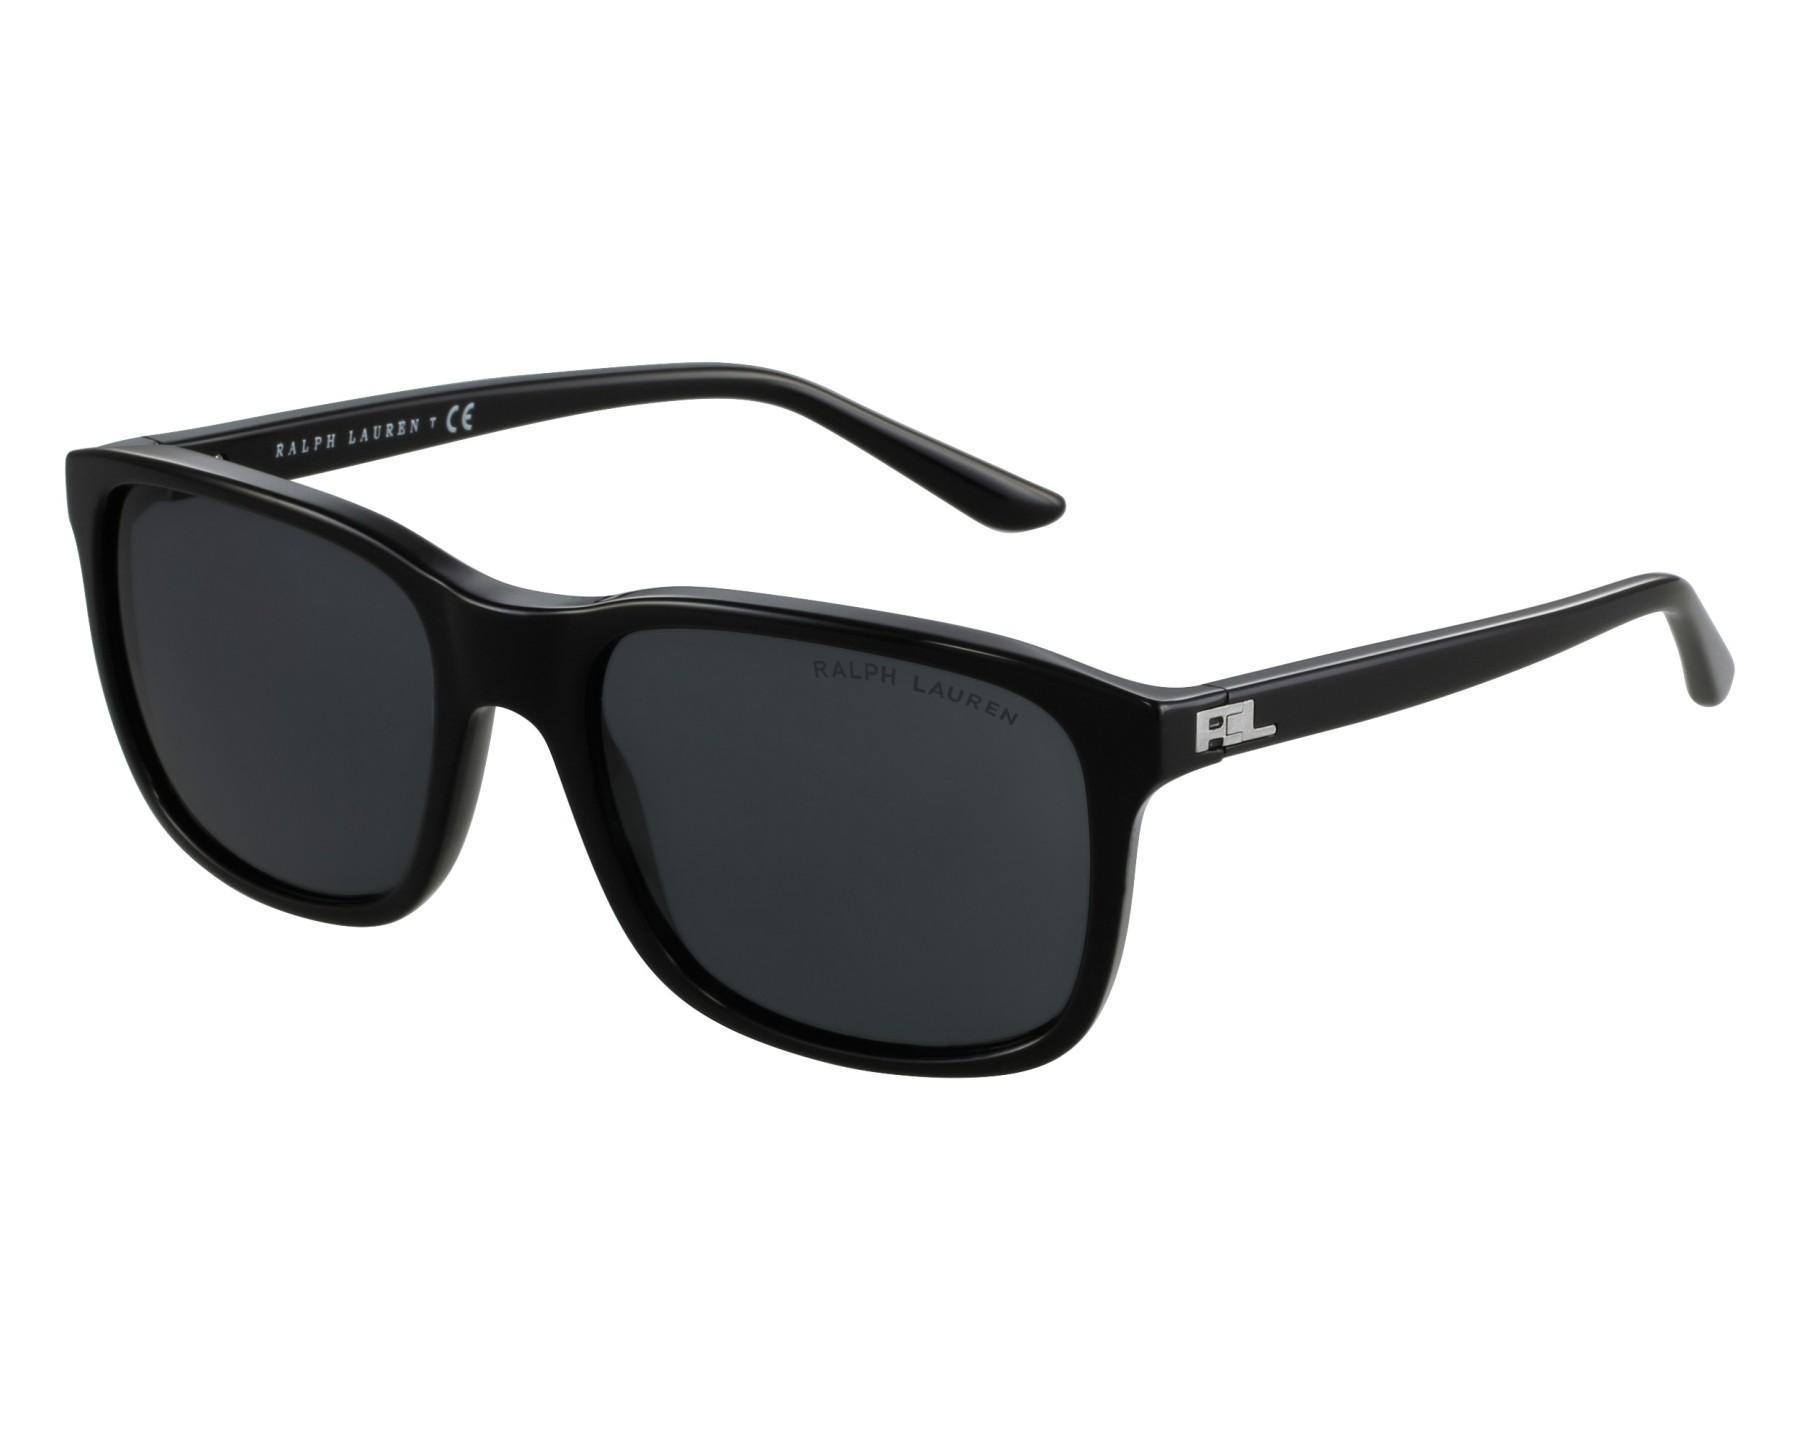 Ralph Lauren RL 8142 5001/87 Sonnenbrille vfzoYJ8c